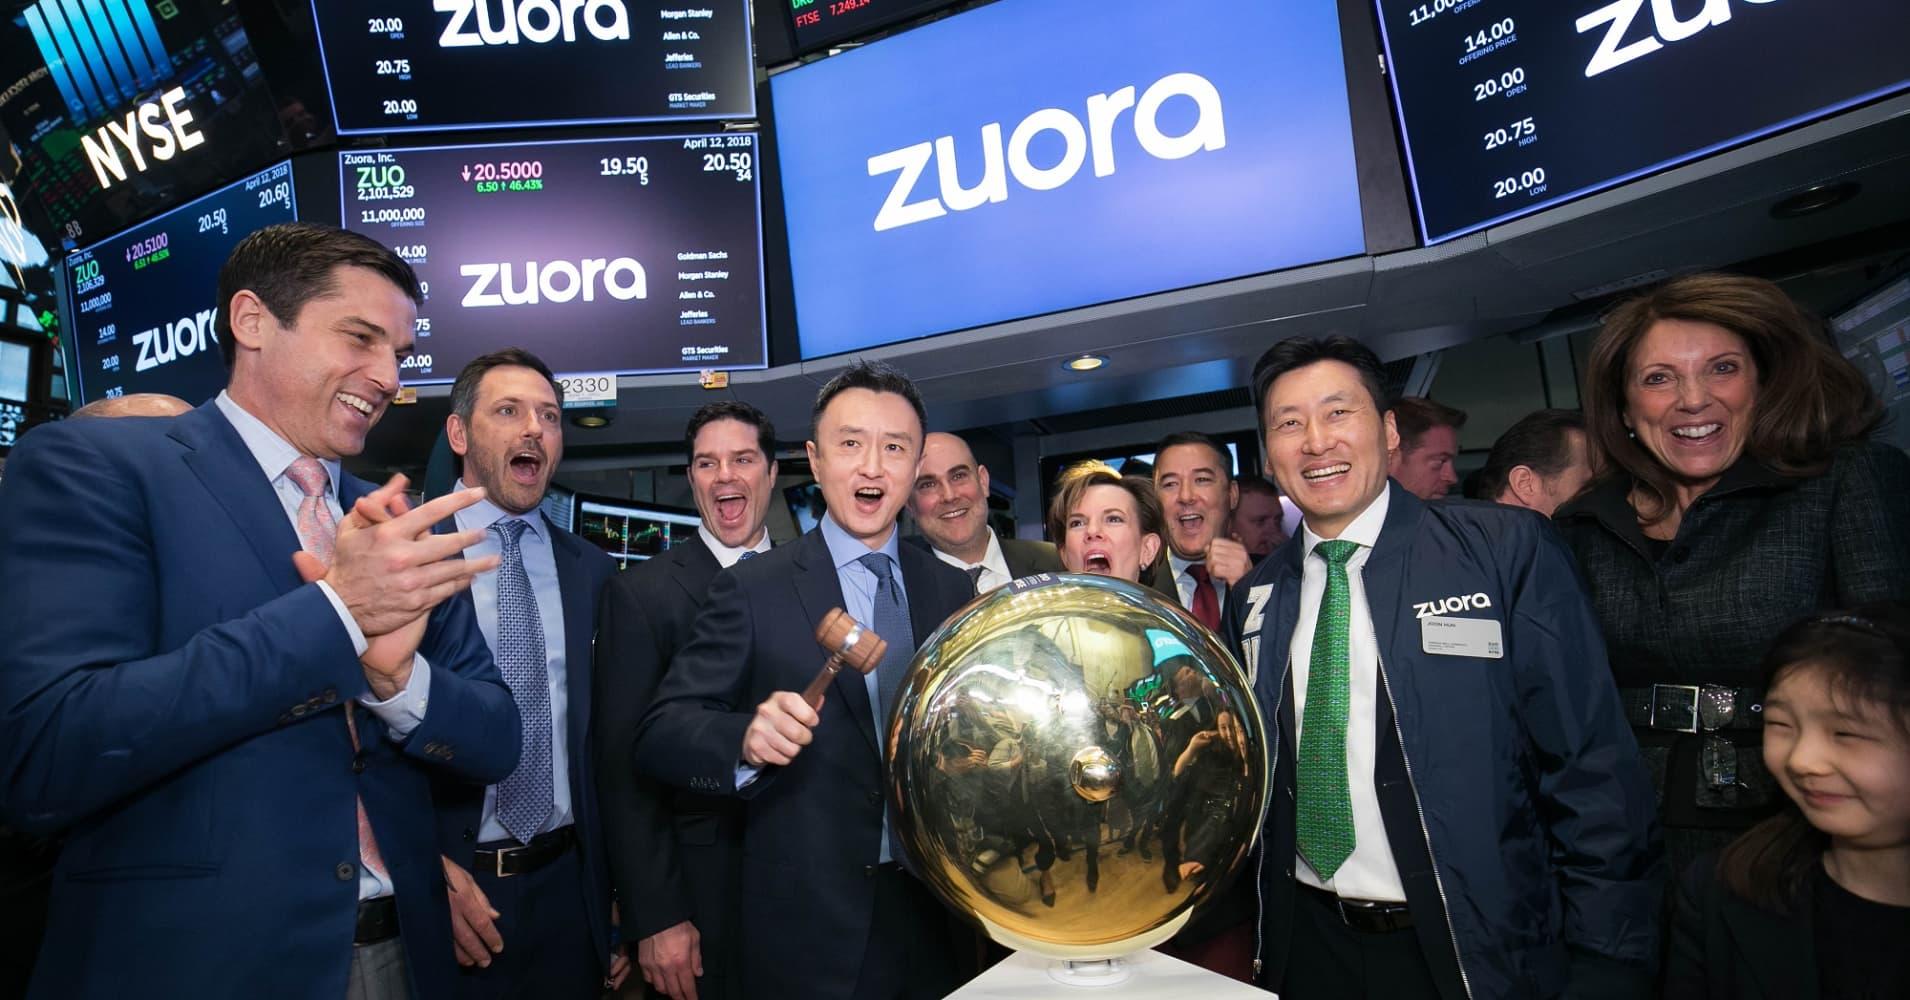 Zuora IPO on NYSE.